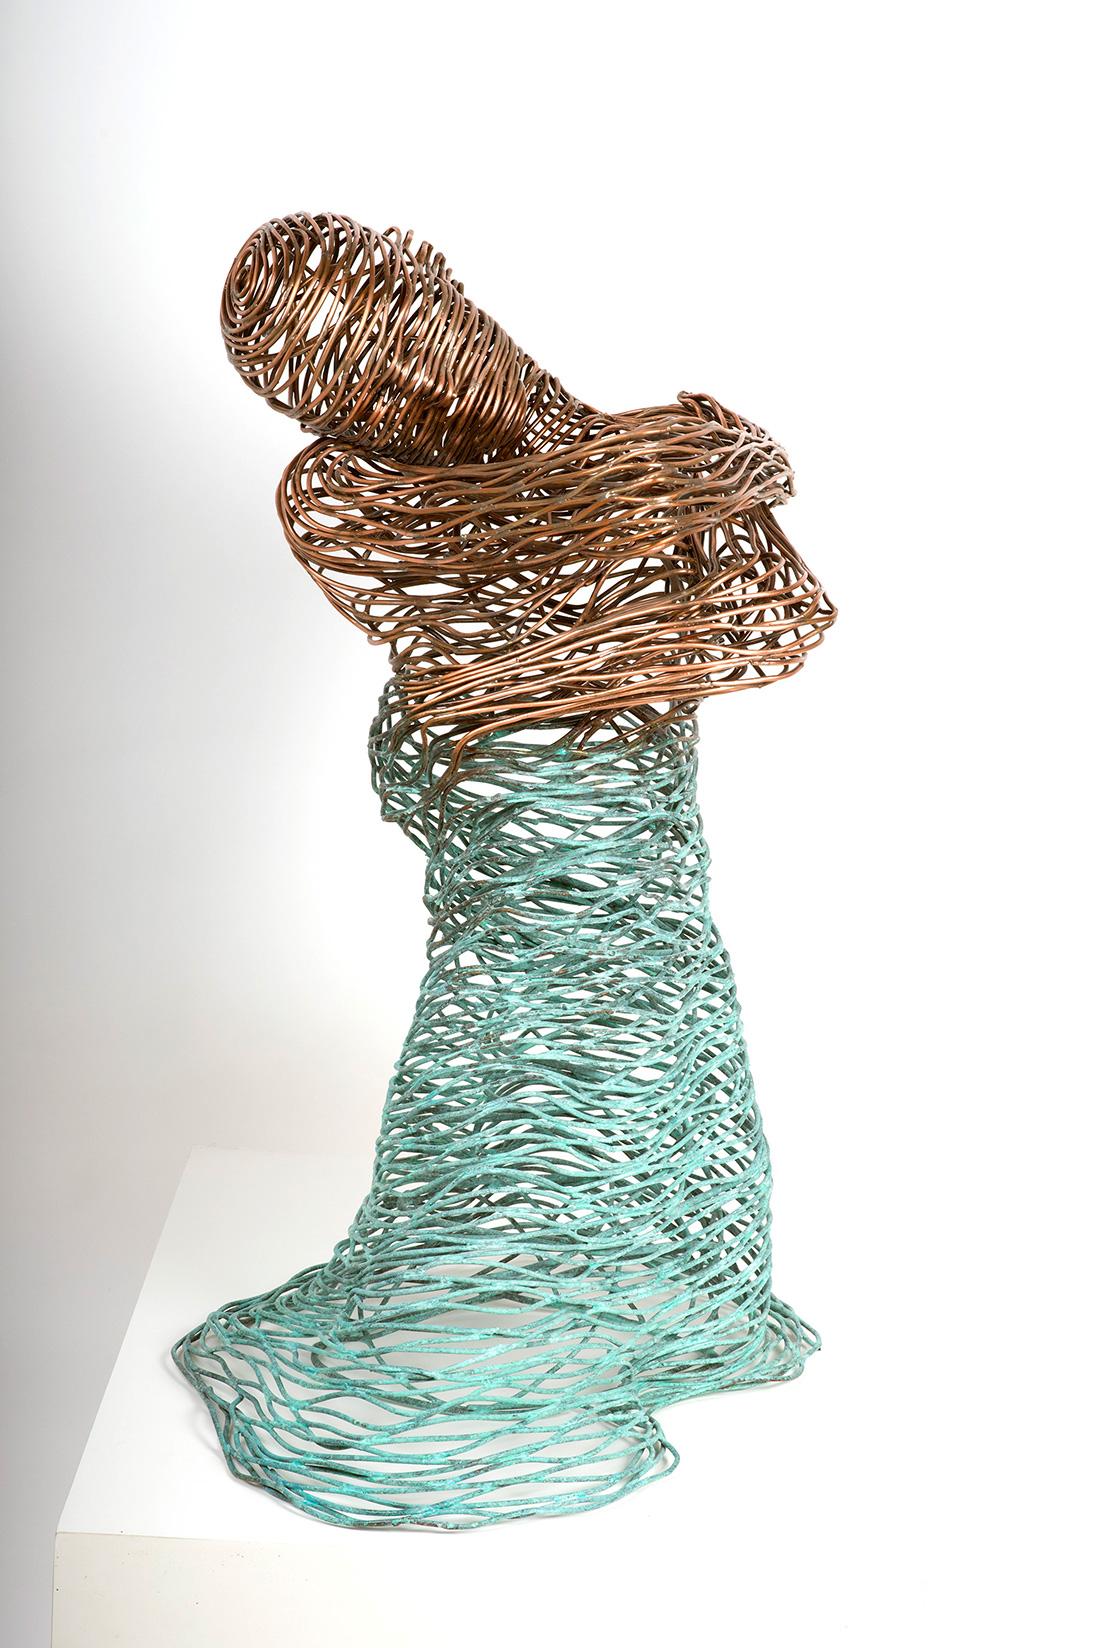 Bonzano Stefano, Acqua, Scultura in tubolare di rame saldato a mano, 90x65x45 cm, 2015. Collezione privata.